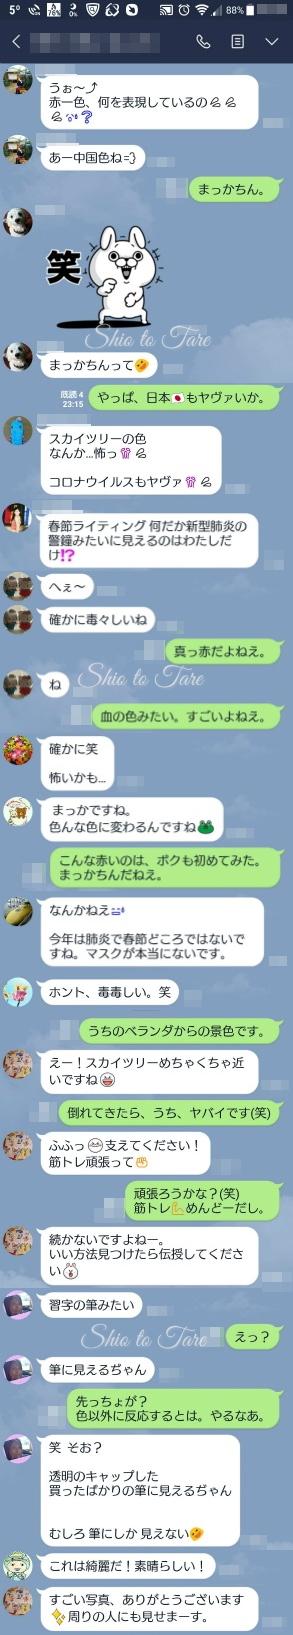 20200131_春節ライティング_LINE_image